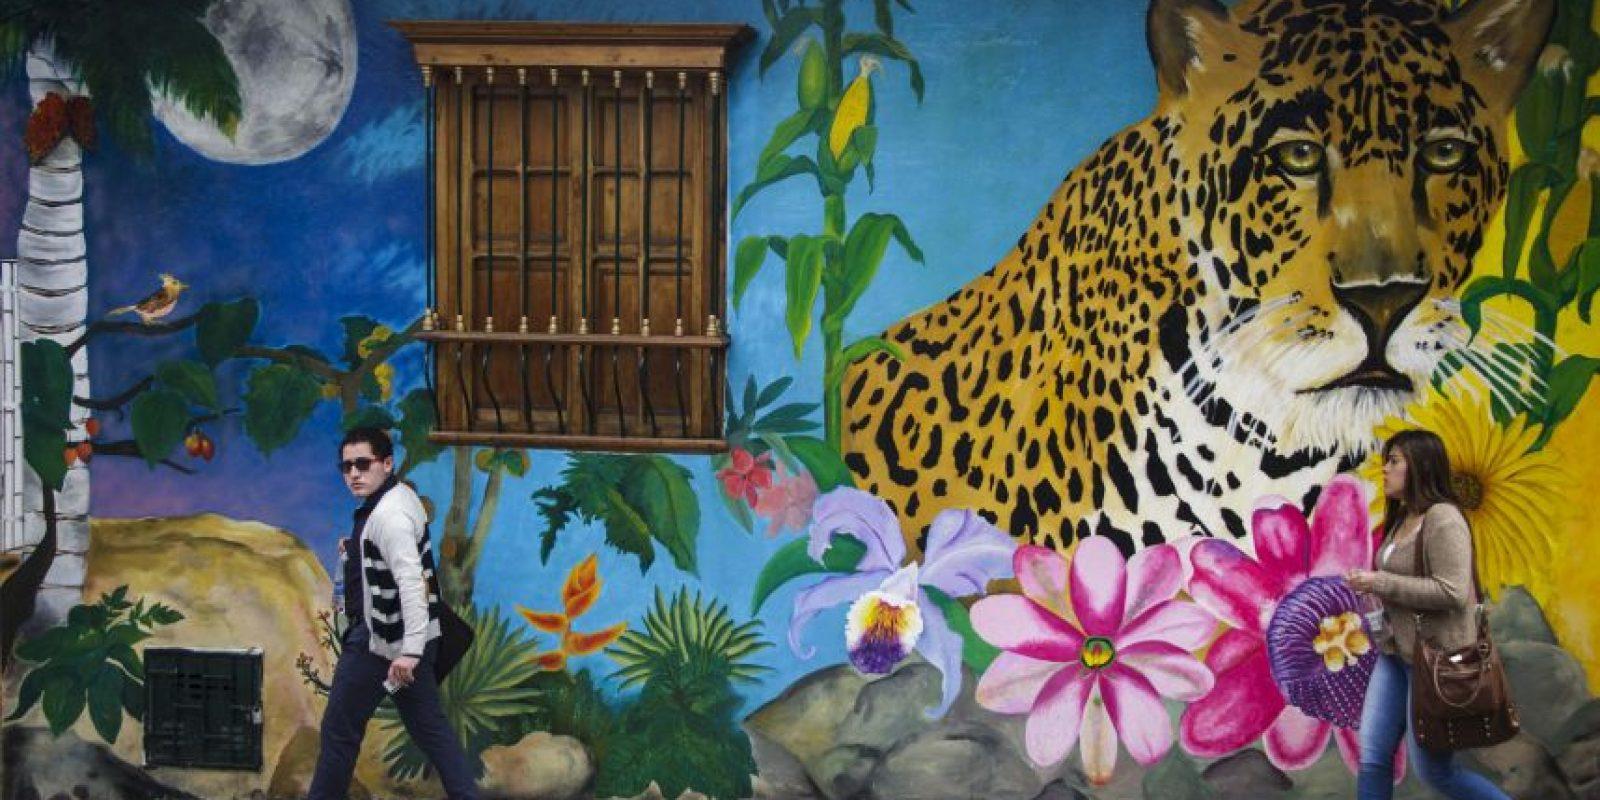 """Arte urbano. Aunque en Bogotá hay decenas de bellos grafitis, como este de La Candelaria, según William Molano, representante de la Secretaría de Ambiente, """"el 86% de grafitis en las calles es arte vandálico"""". Foto:Carlos Bernate"""